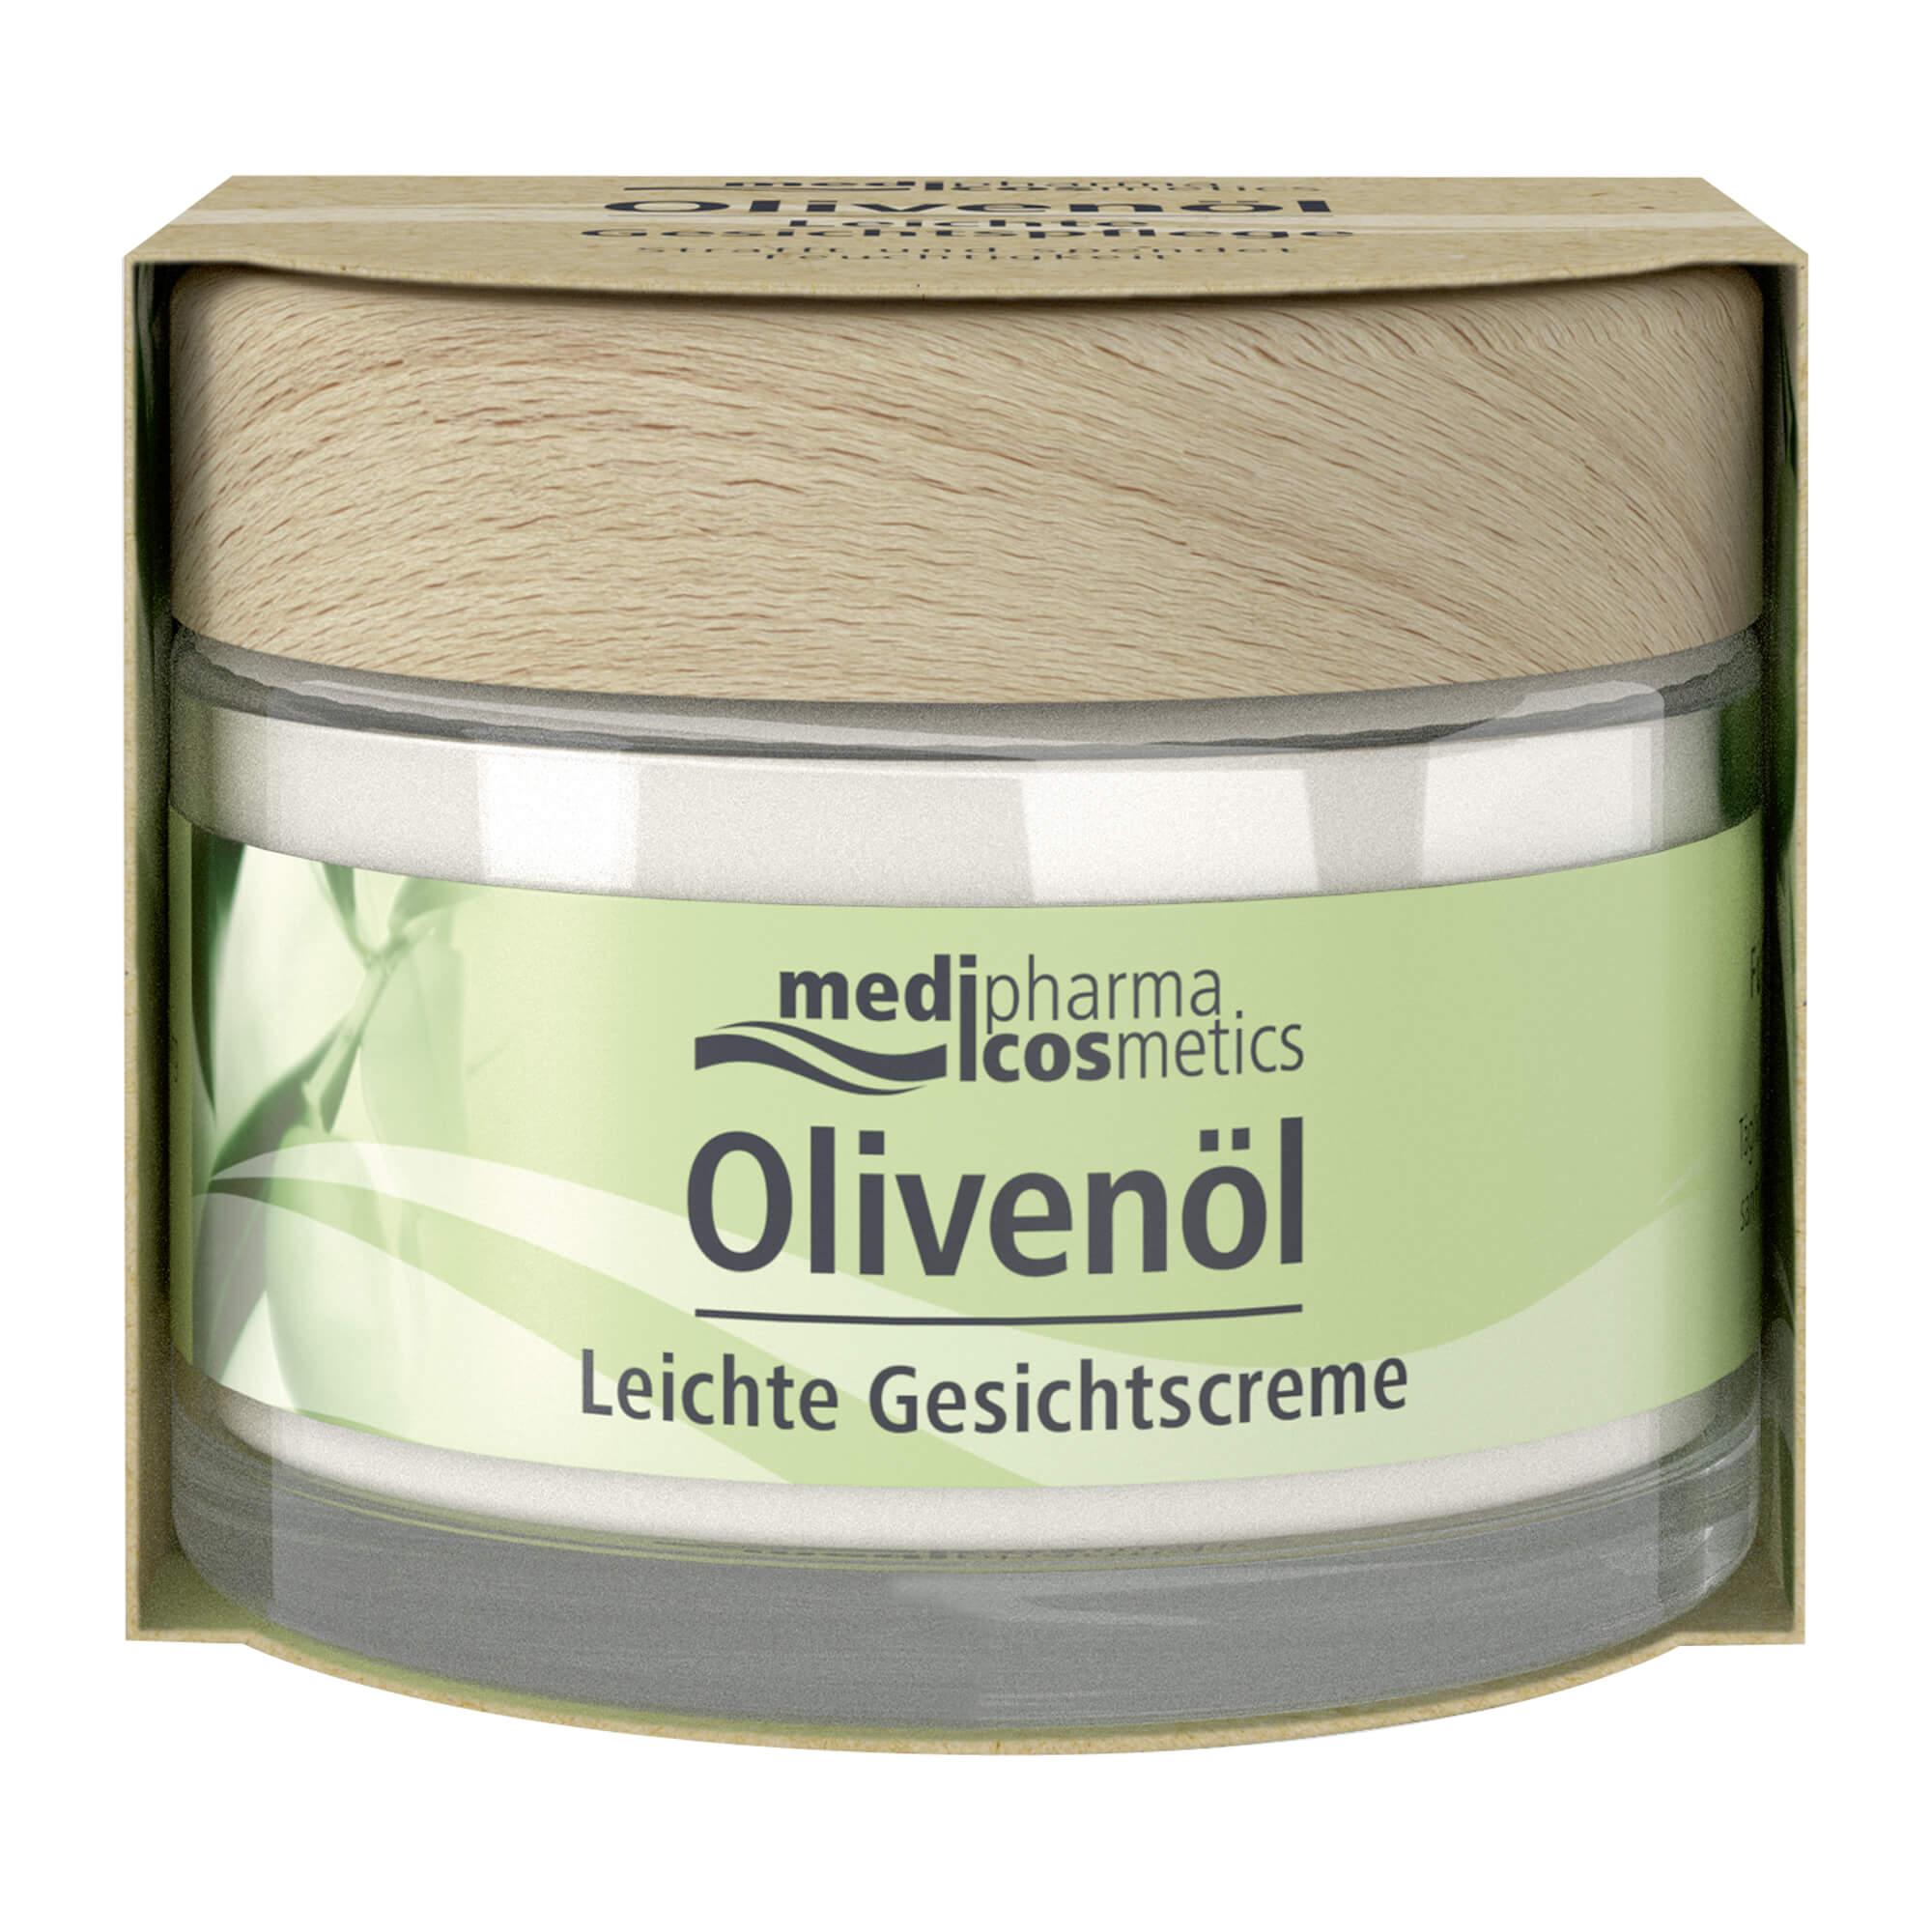 Olivenöl Leichte Gesichtscreme